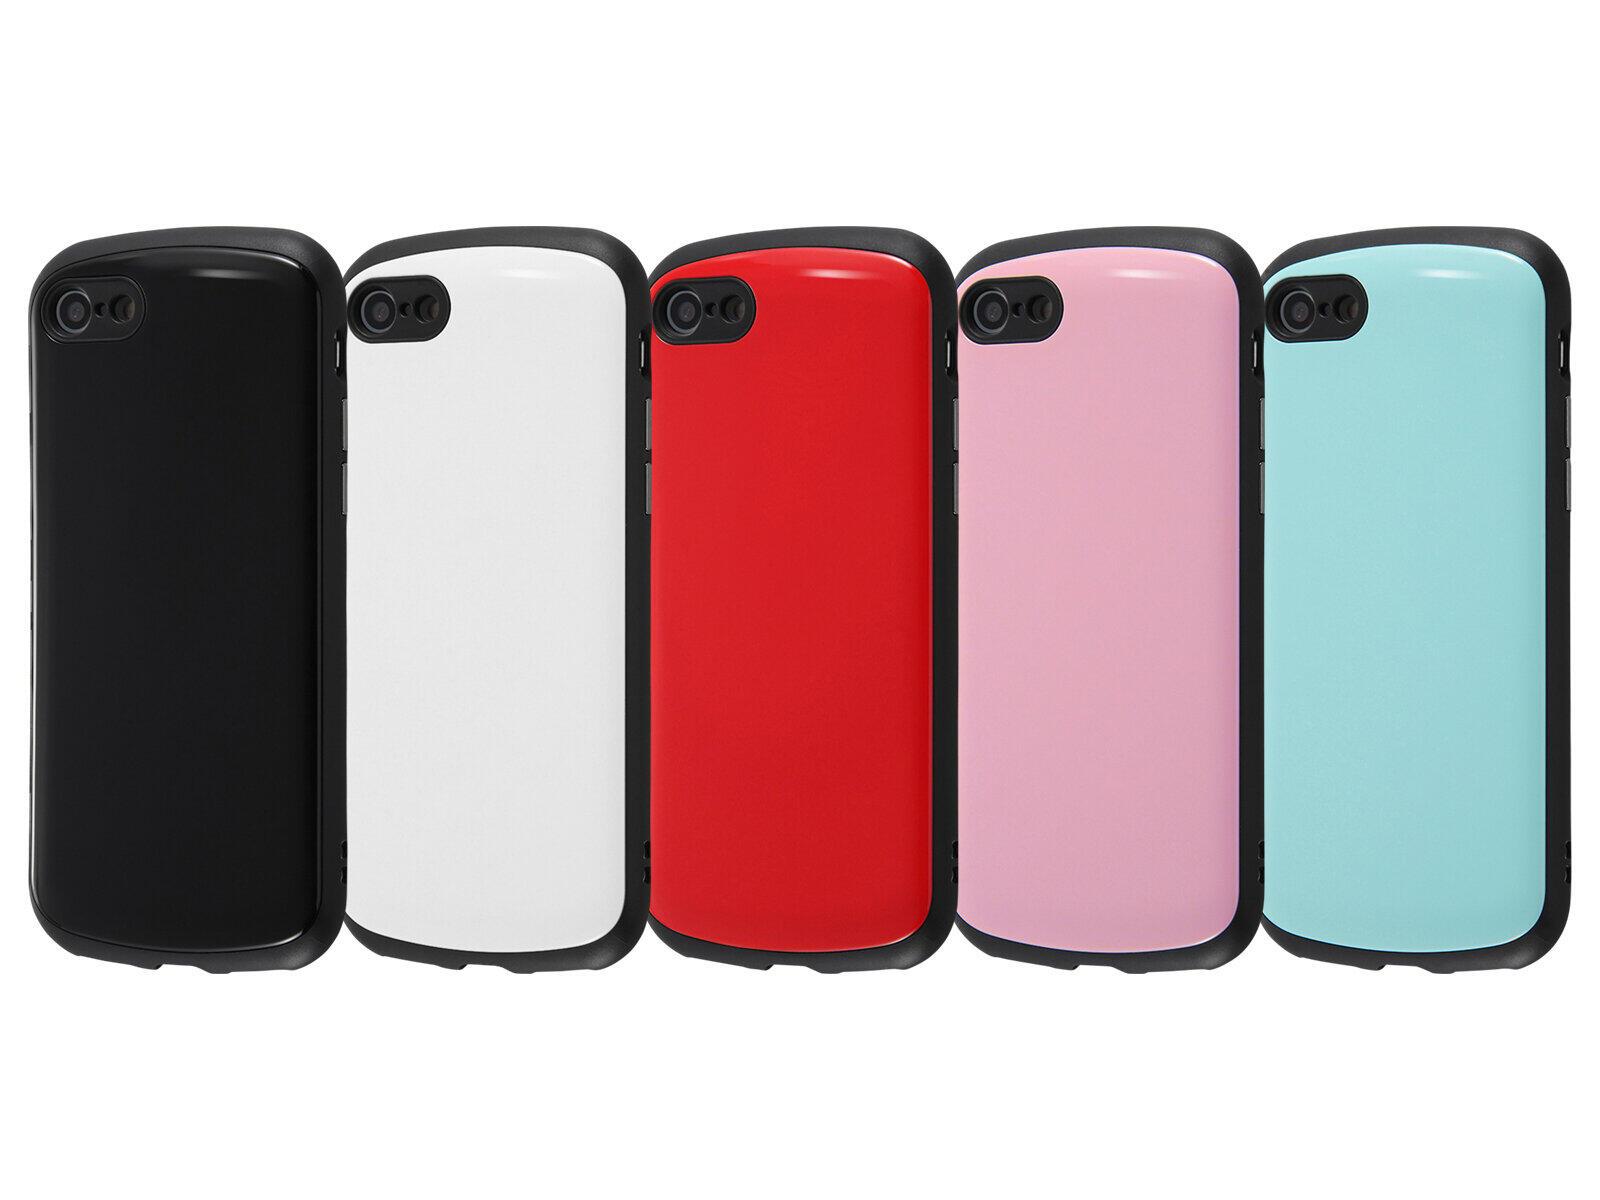 カメラ周りをしっかり保護するiPhoneケース